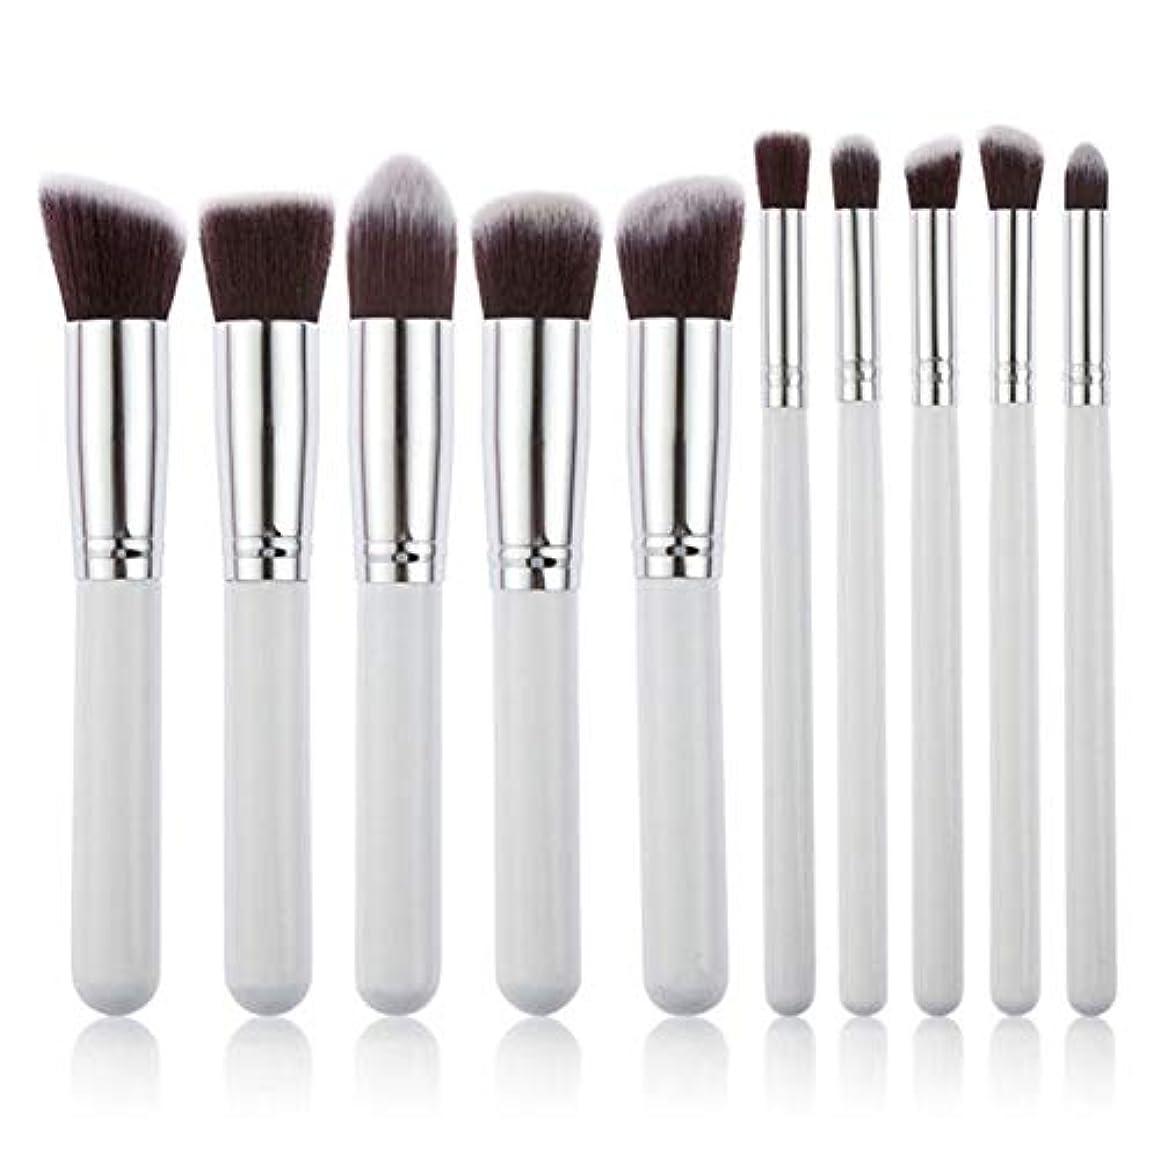 記念日ずらすくるくるMakeup brushes 10ピースWhiteMakeupブラシセットモダンスラックパウダーブラシアイシャドウブラシコンターブラシ suits (Color : White Silver)